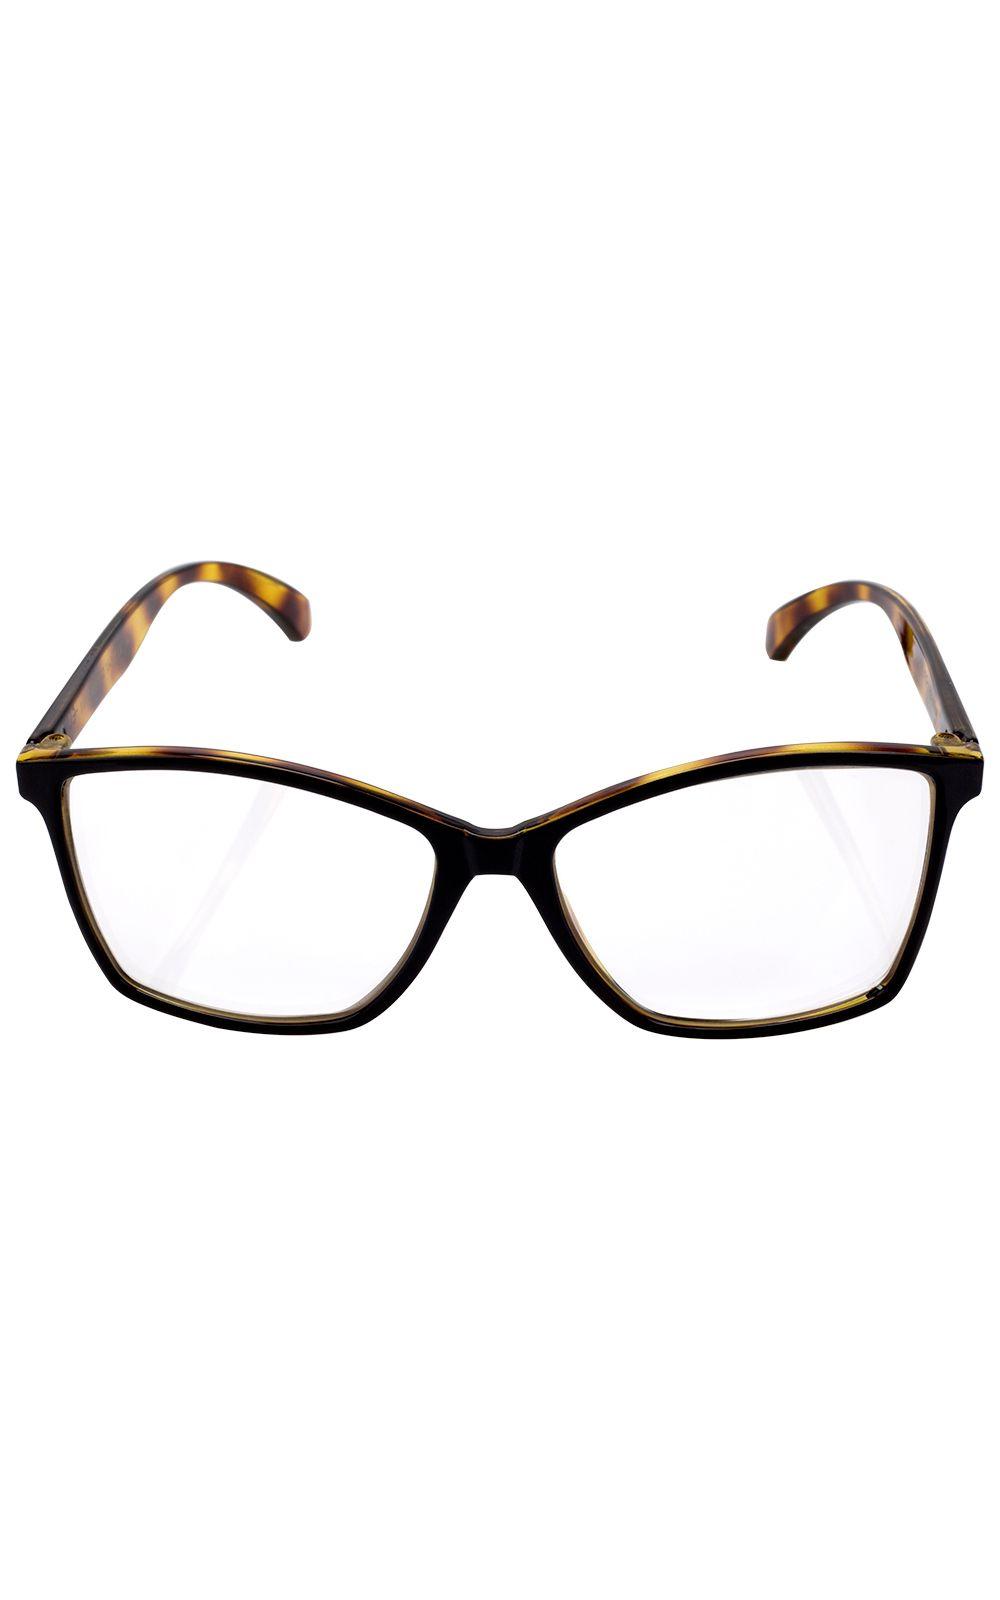 Foto 1 - Óculos Euro Feminino Color Fun Tartaruga E6007AFU54/8Y